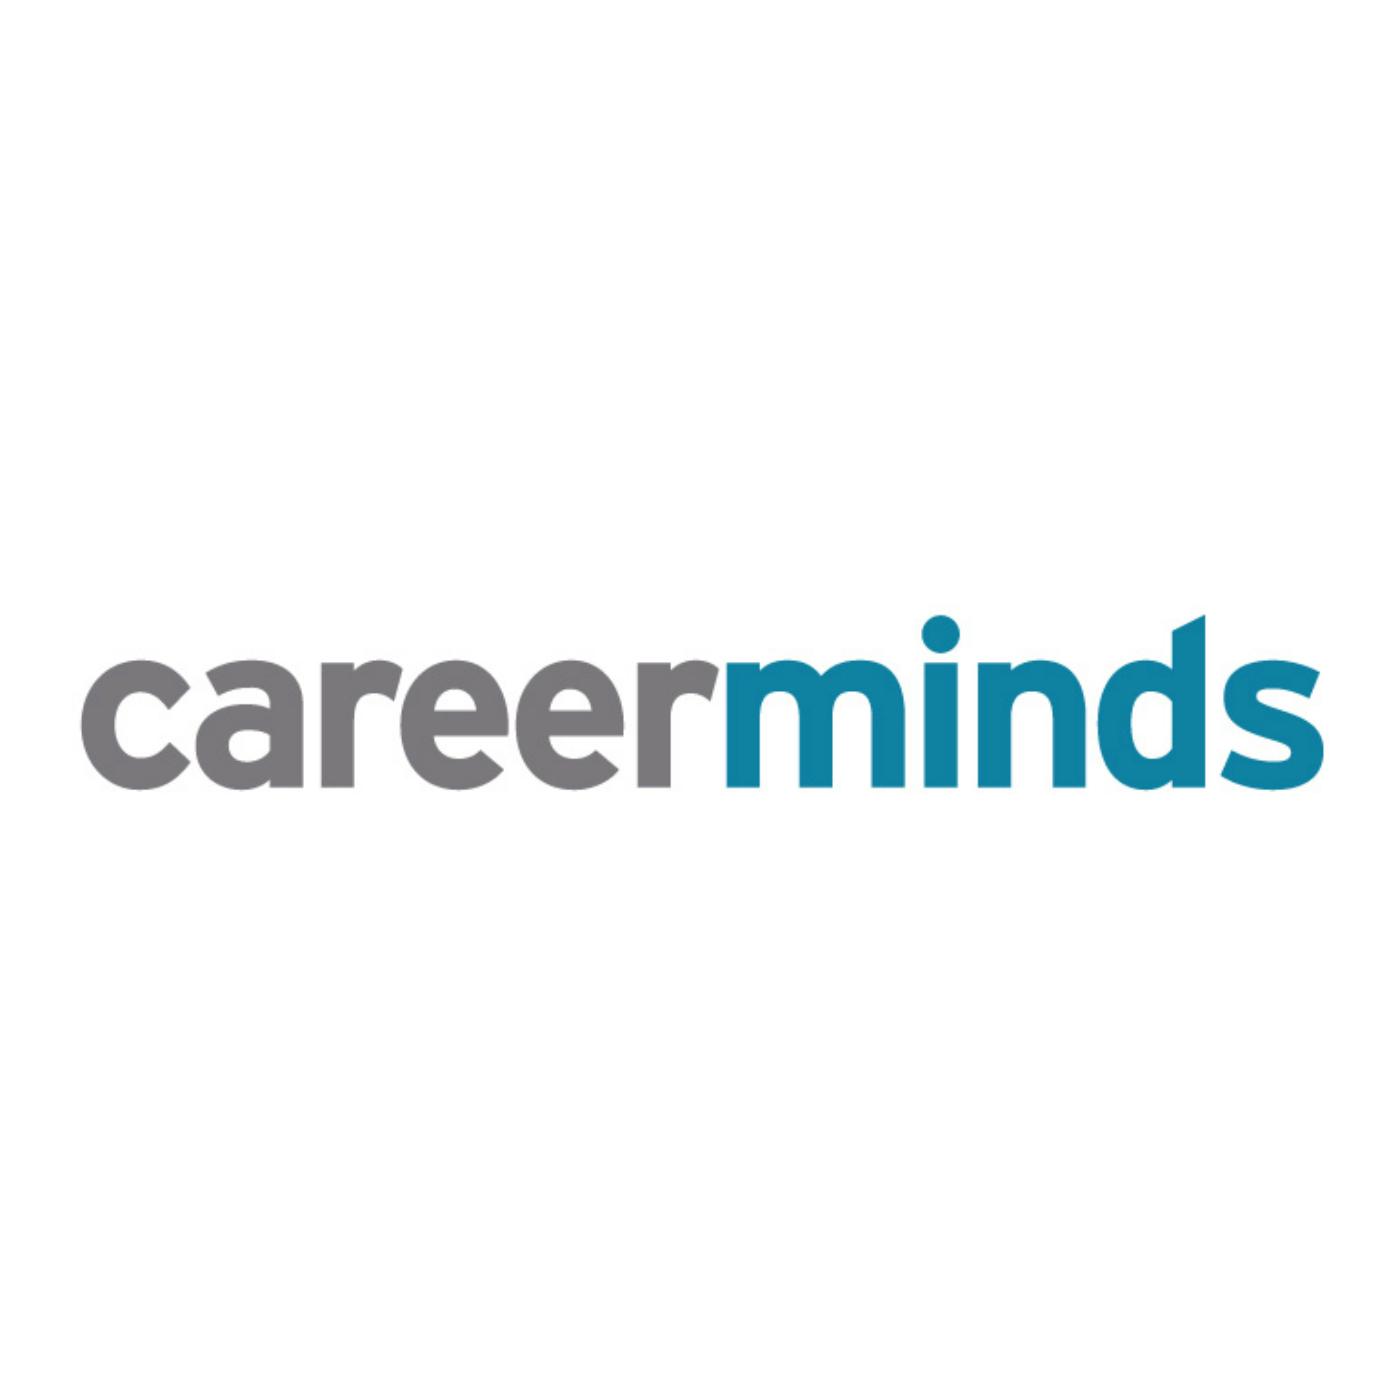 Careerminds